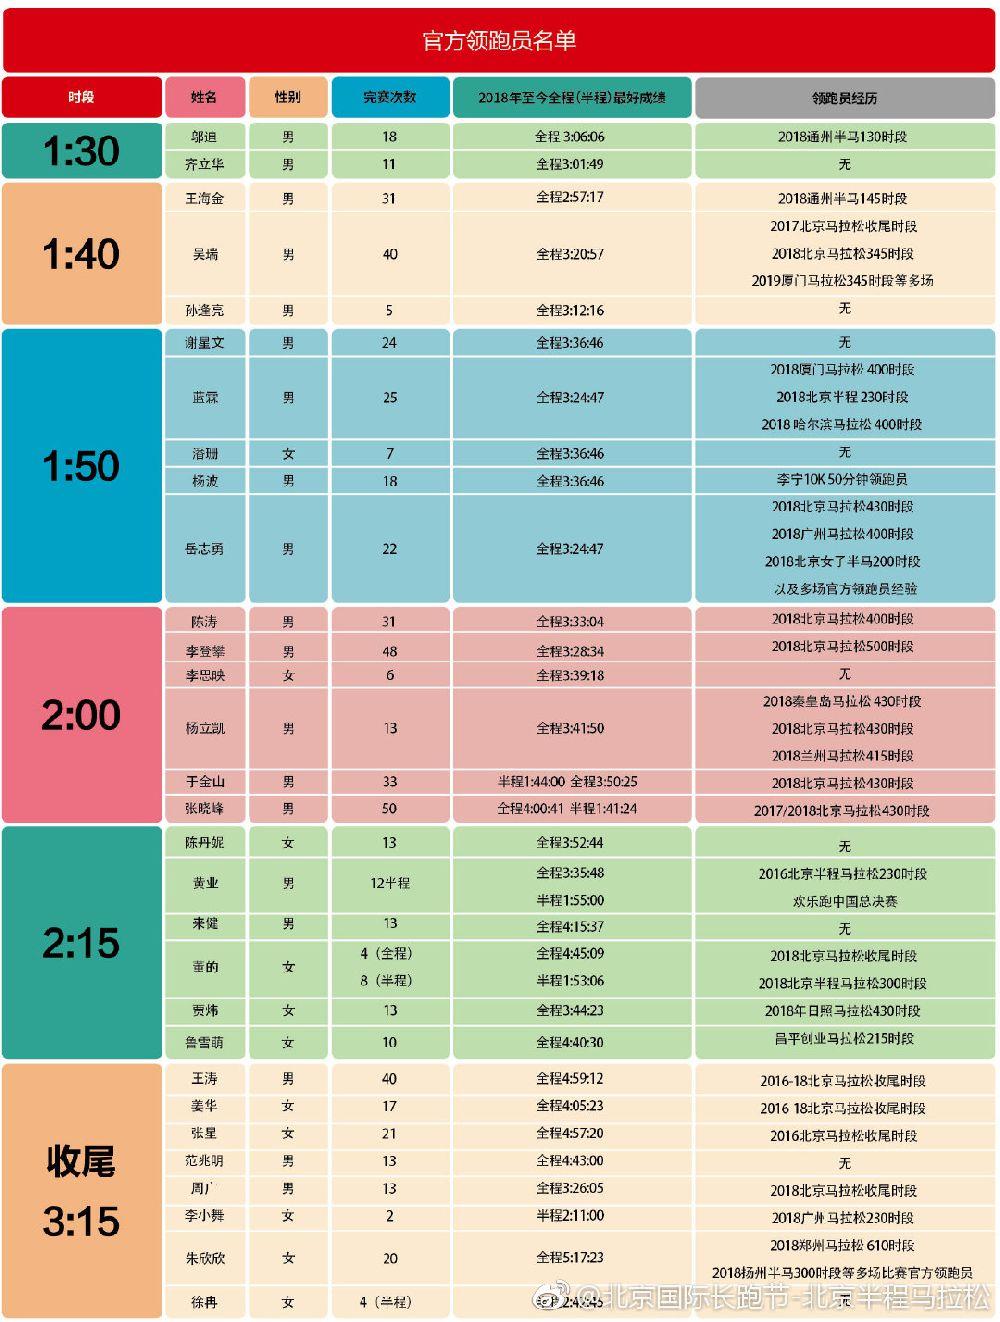 2019北京国际长跑节北京半程马拉松官方领跑员名单